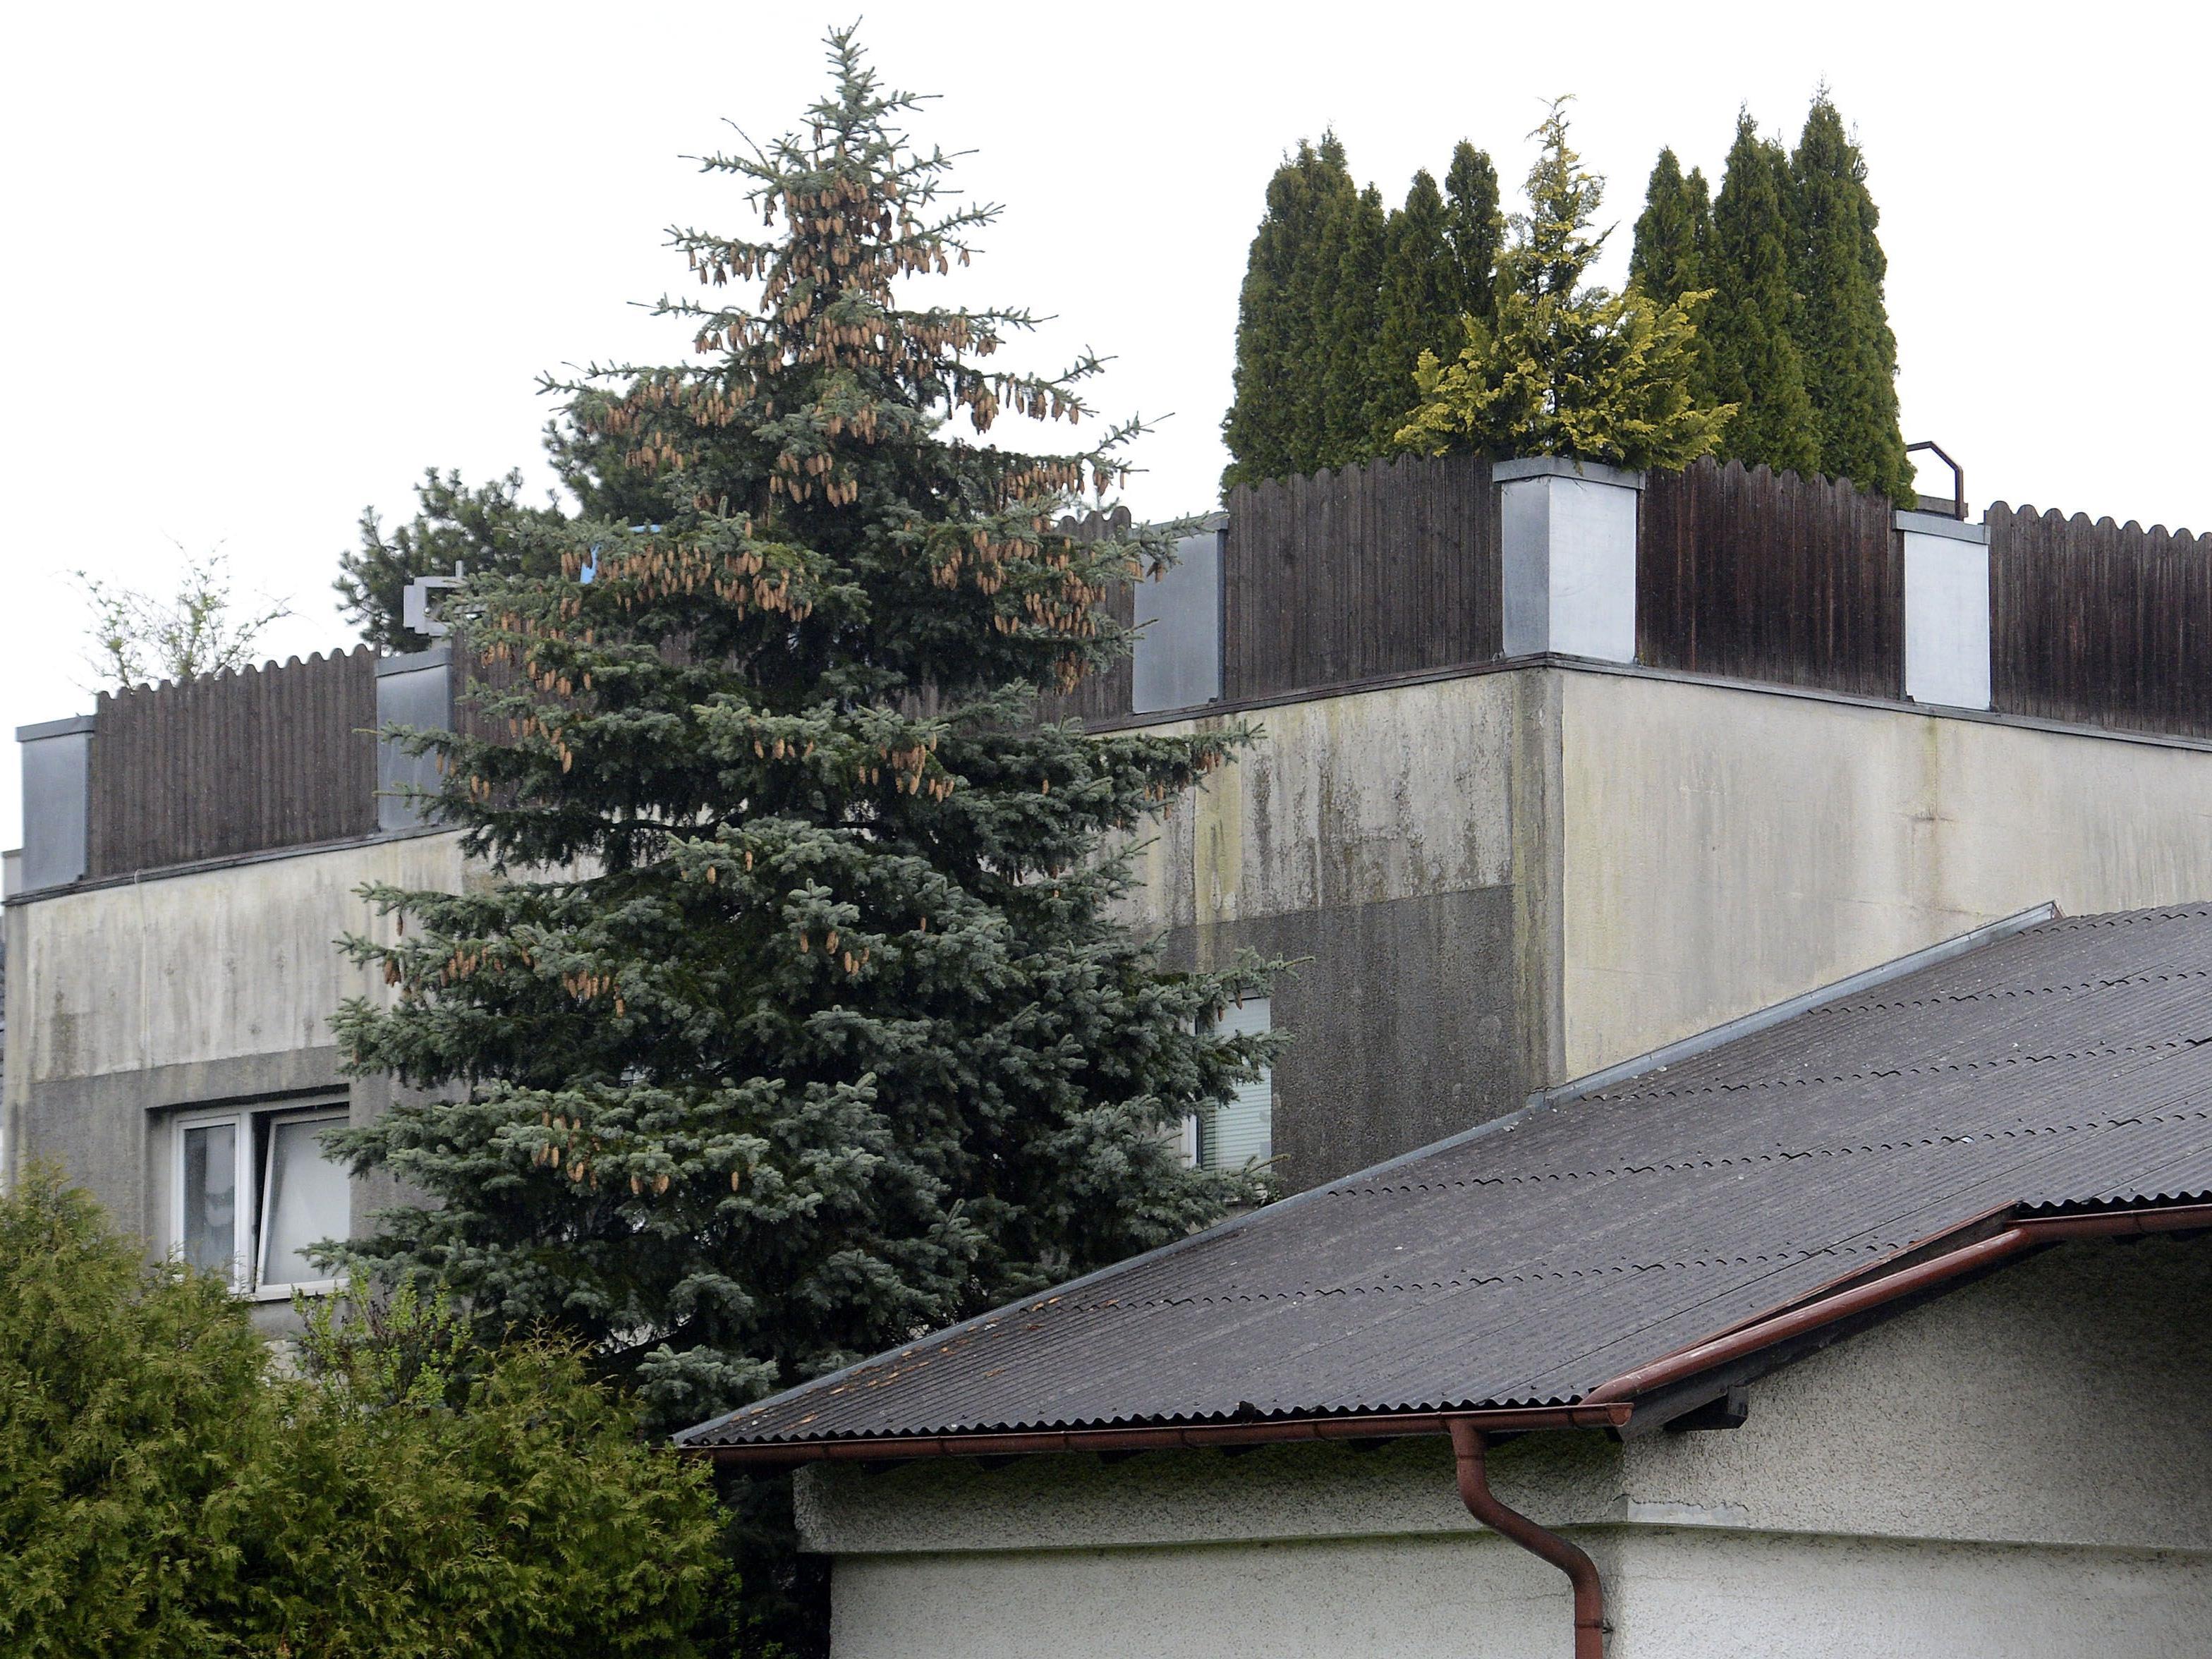 Flüchtlinge - Haus von Josef F. für Flüchtlinge angeboten